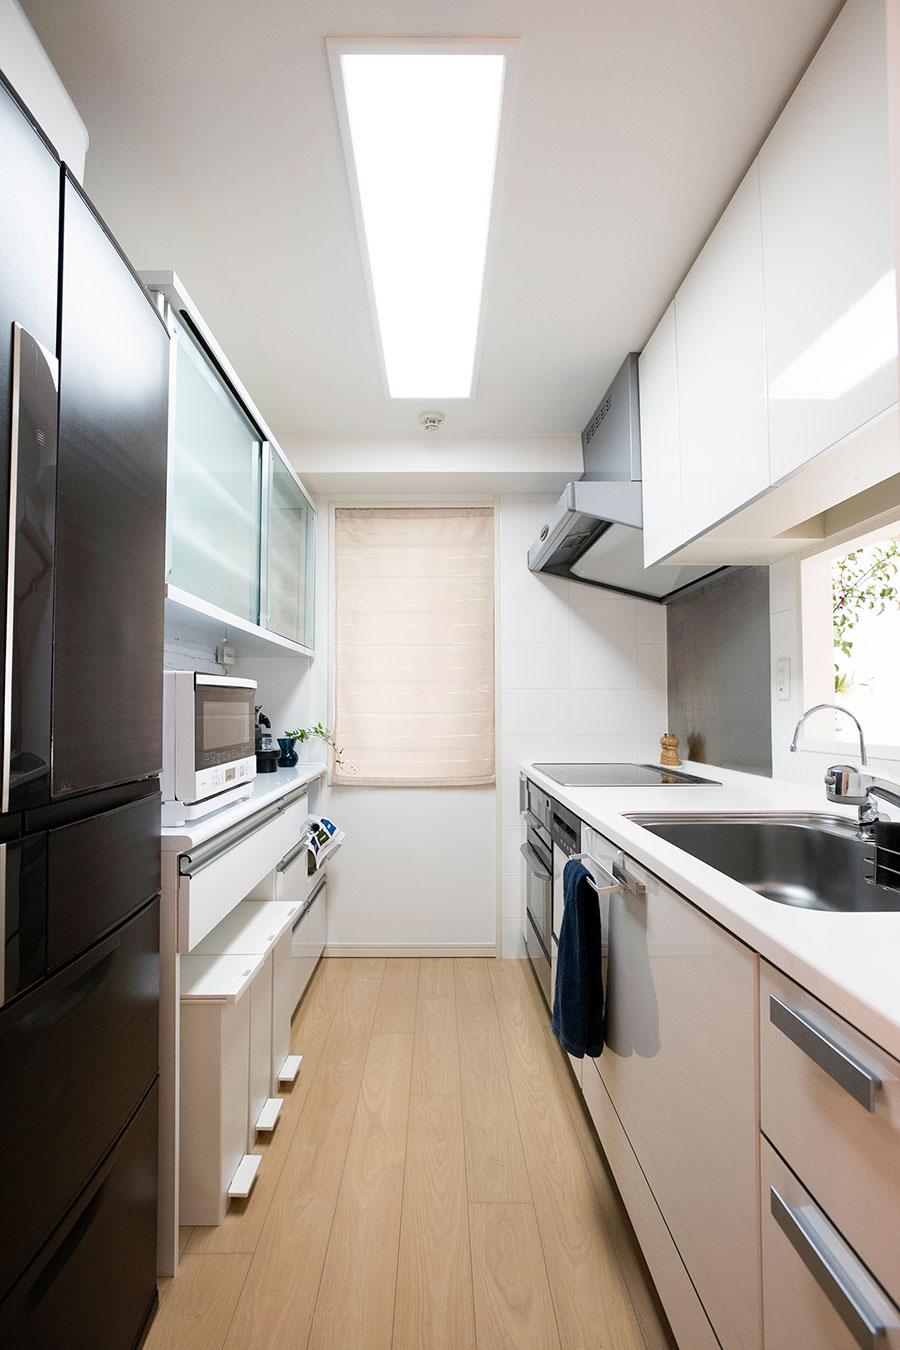 コンロまわりで出しっ放しにしているのはコショウのみ。調理器具や調味料などは取り出しやすい位置に収めているので、作業効率もよい。